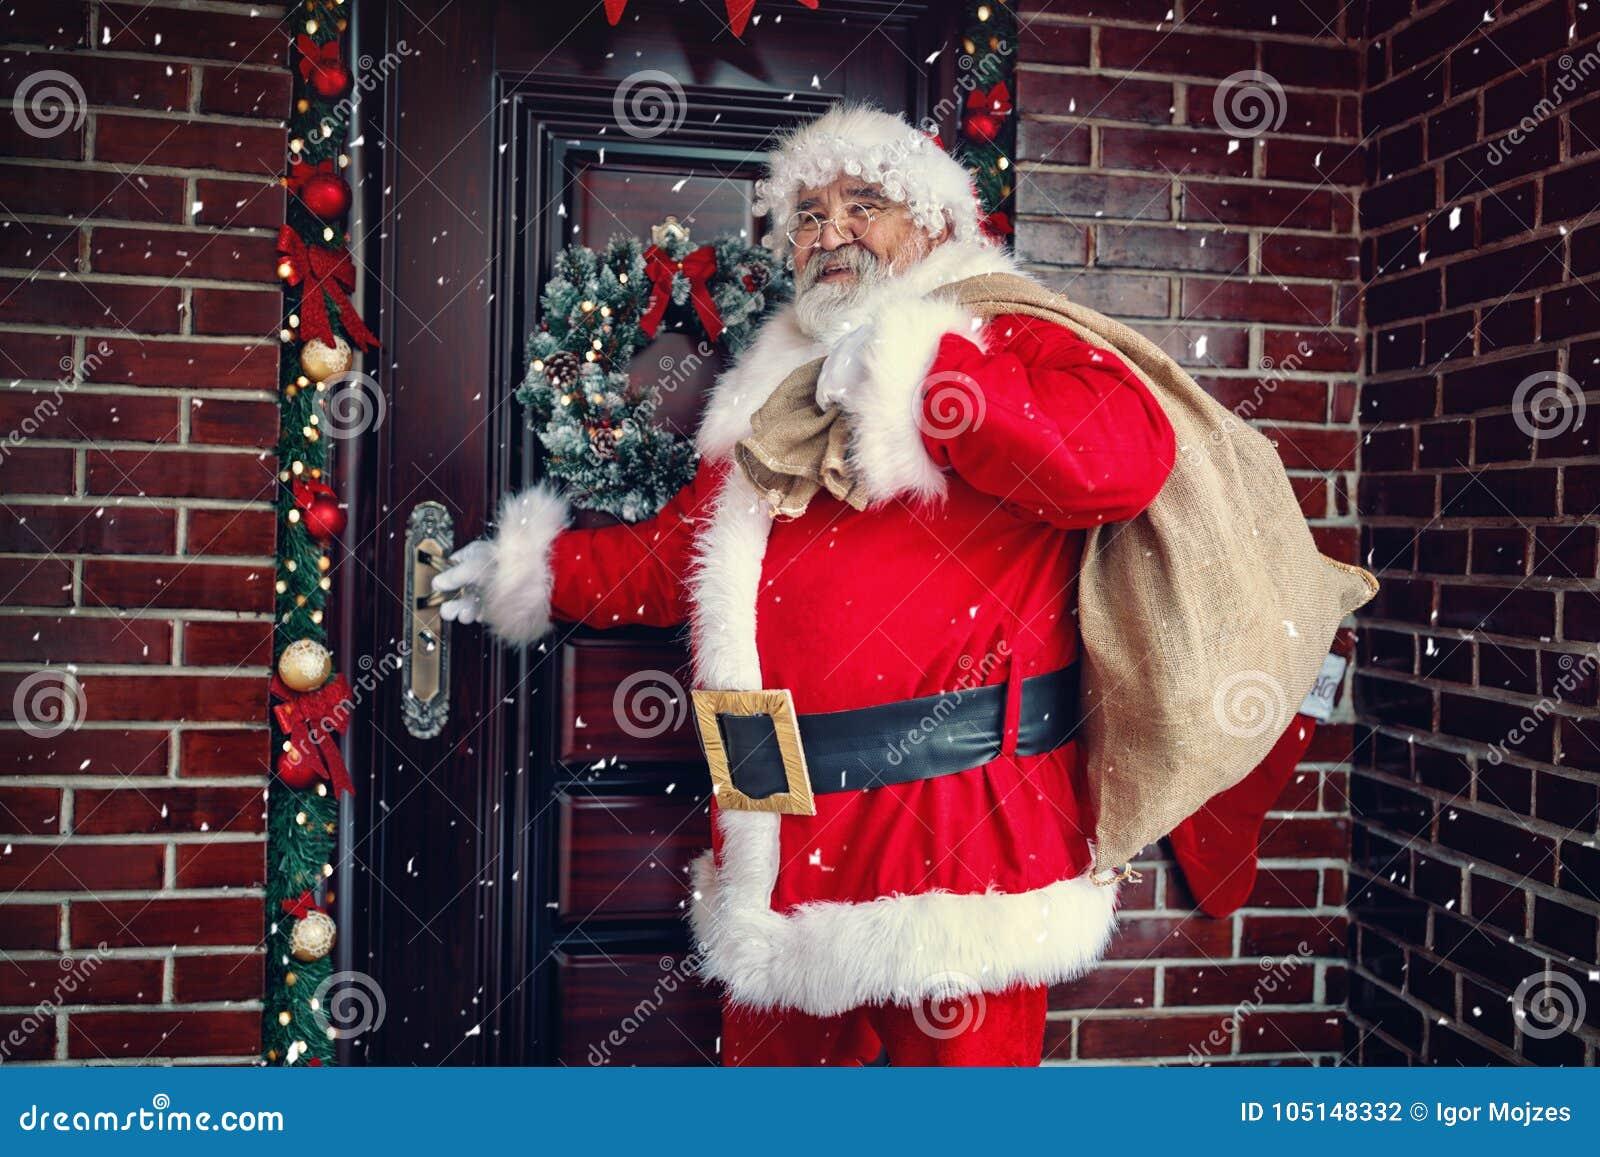 Ευτυχής Άγιος Βασίλης φθάνει με το παρόν στη μεγάλη τσάντα στη νύχτα